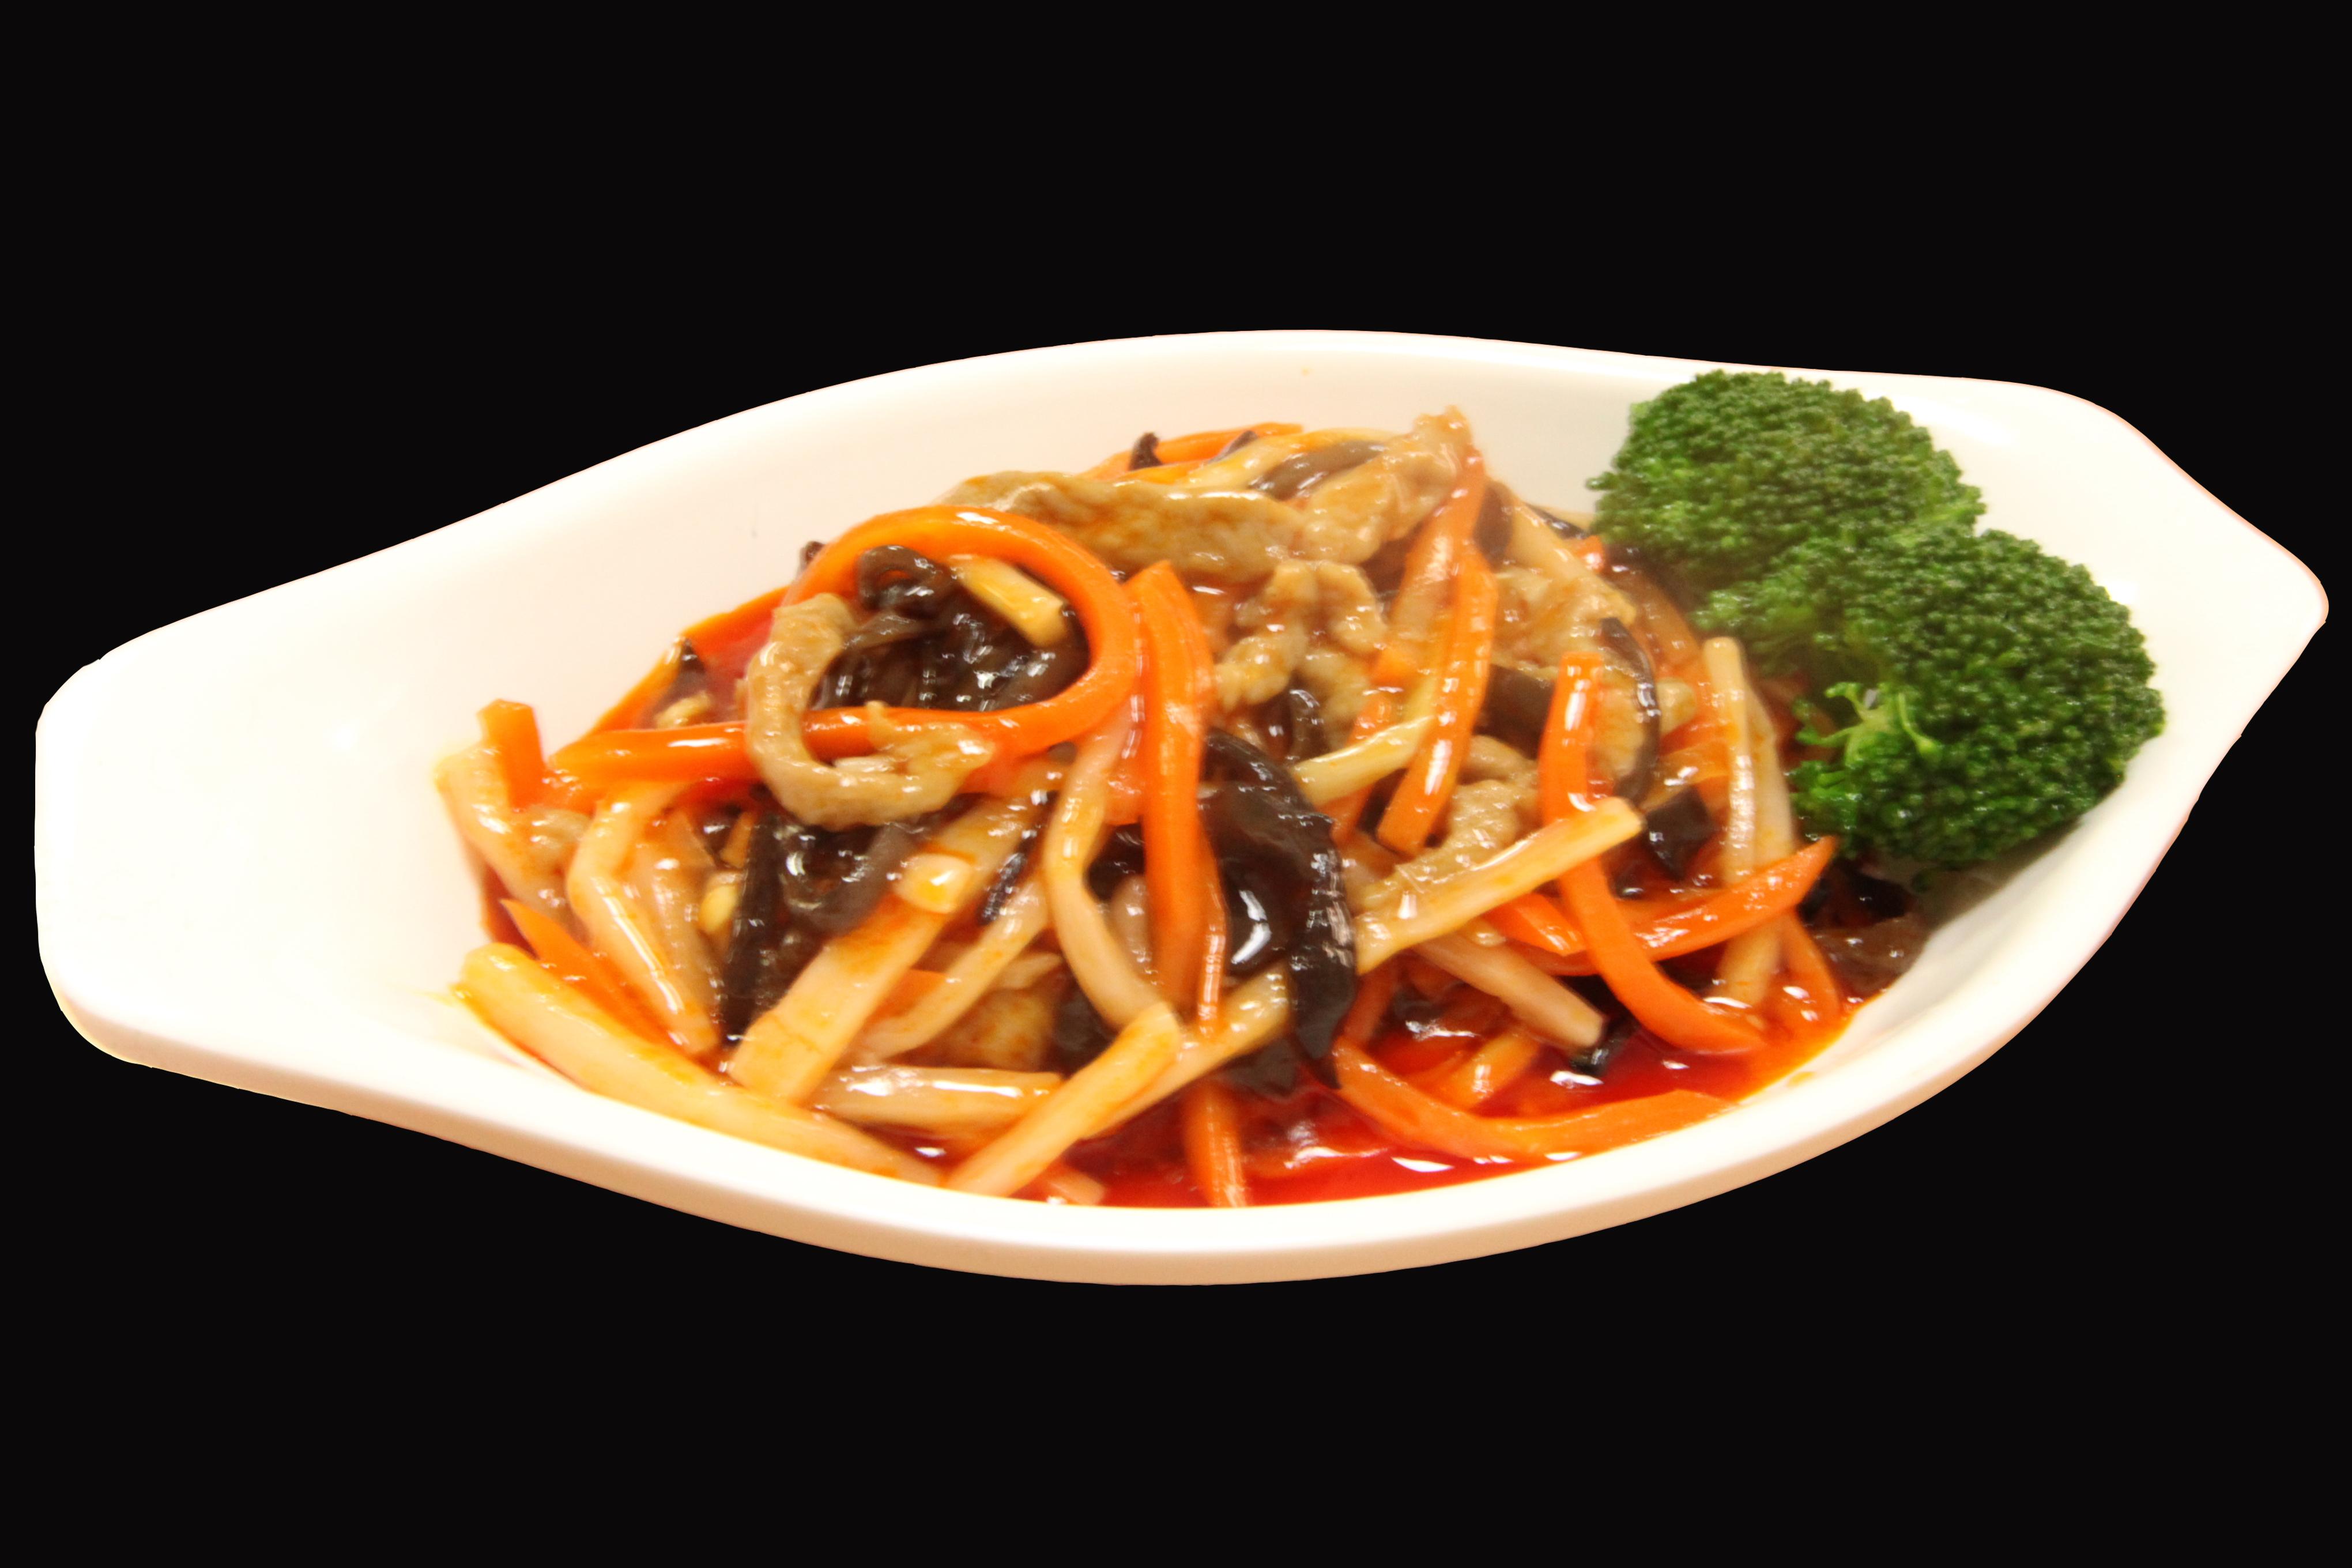 鱼香肉丝200g快餐料理包调理包 鱼香肉丝快餐料理包